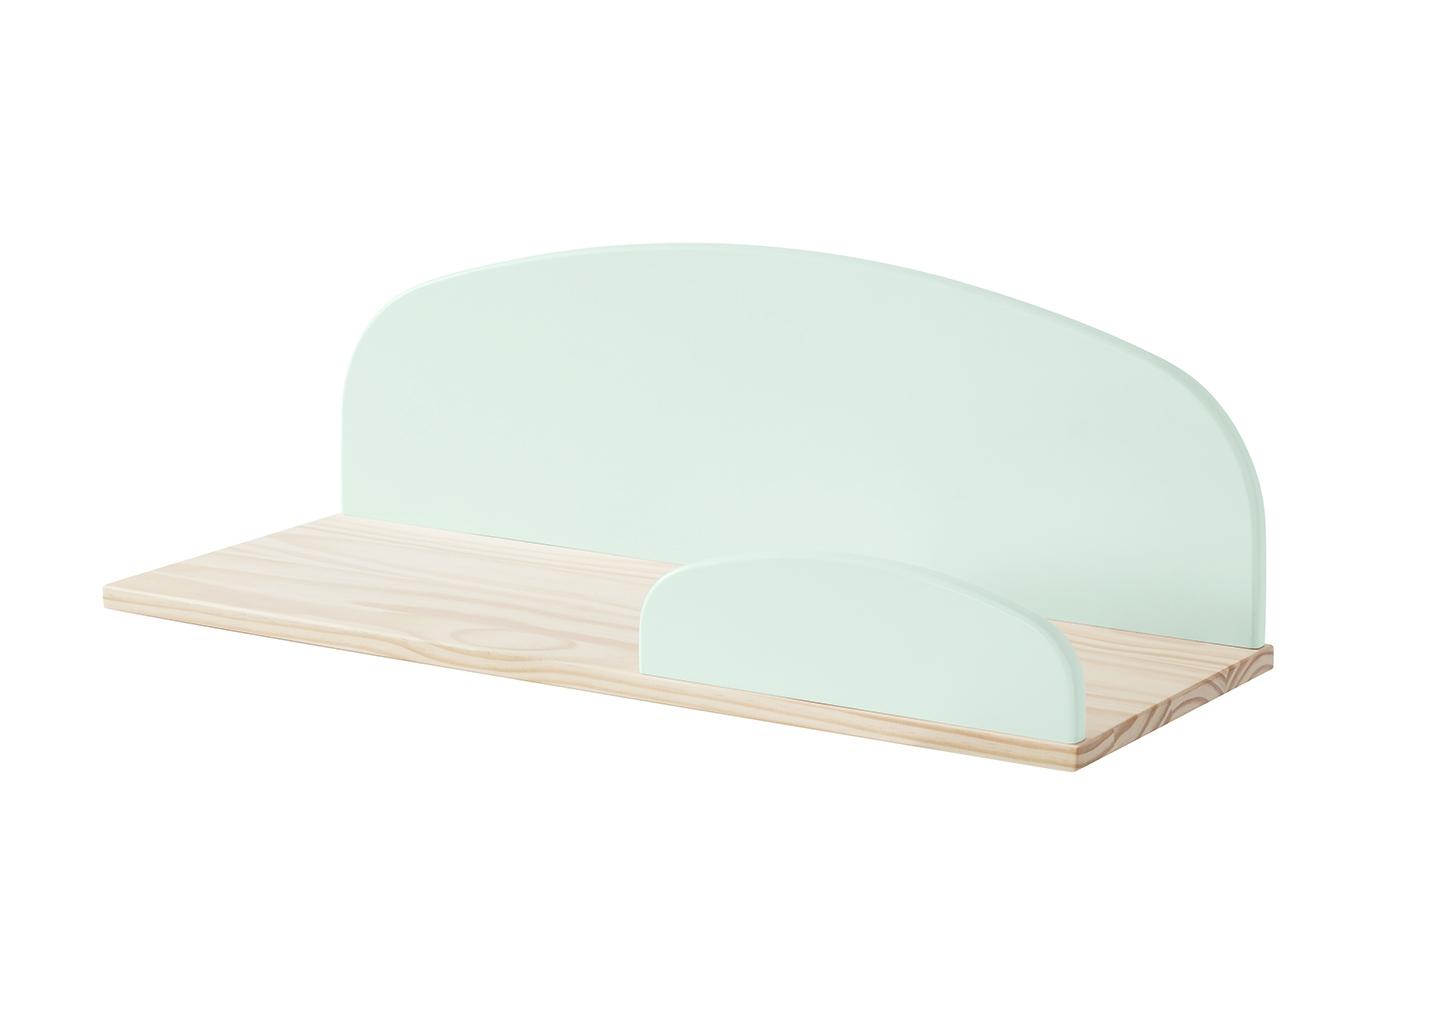 Etajera suspendata din lemn de pin si MDF, pentru copii Kiddy Large Verde Mint, l65xA25xH21,4 cm